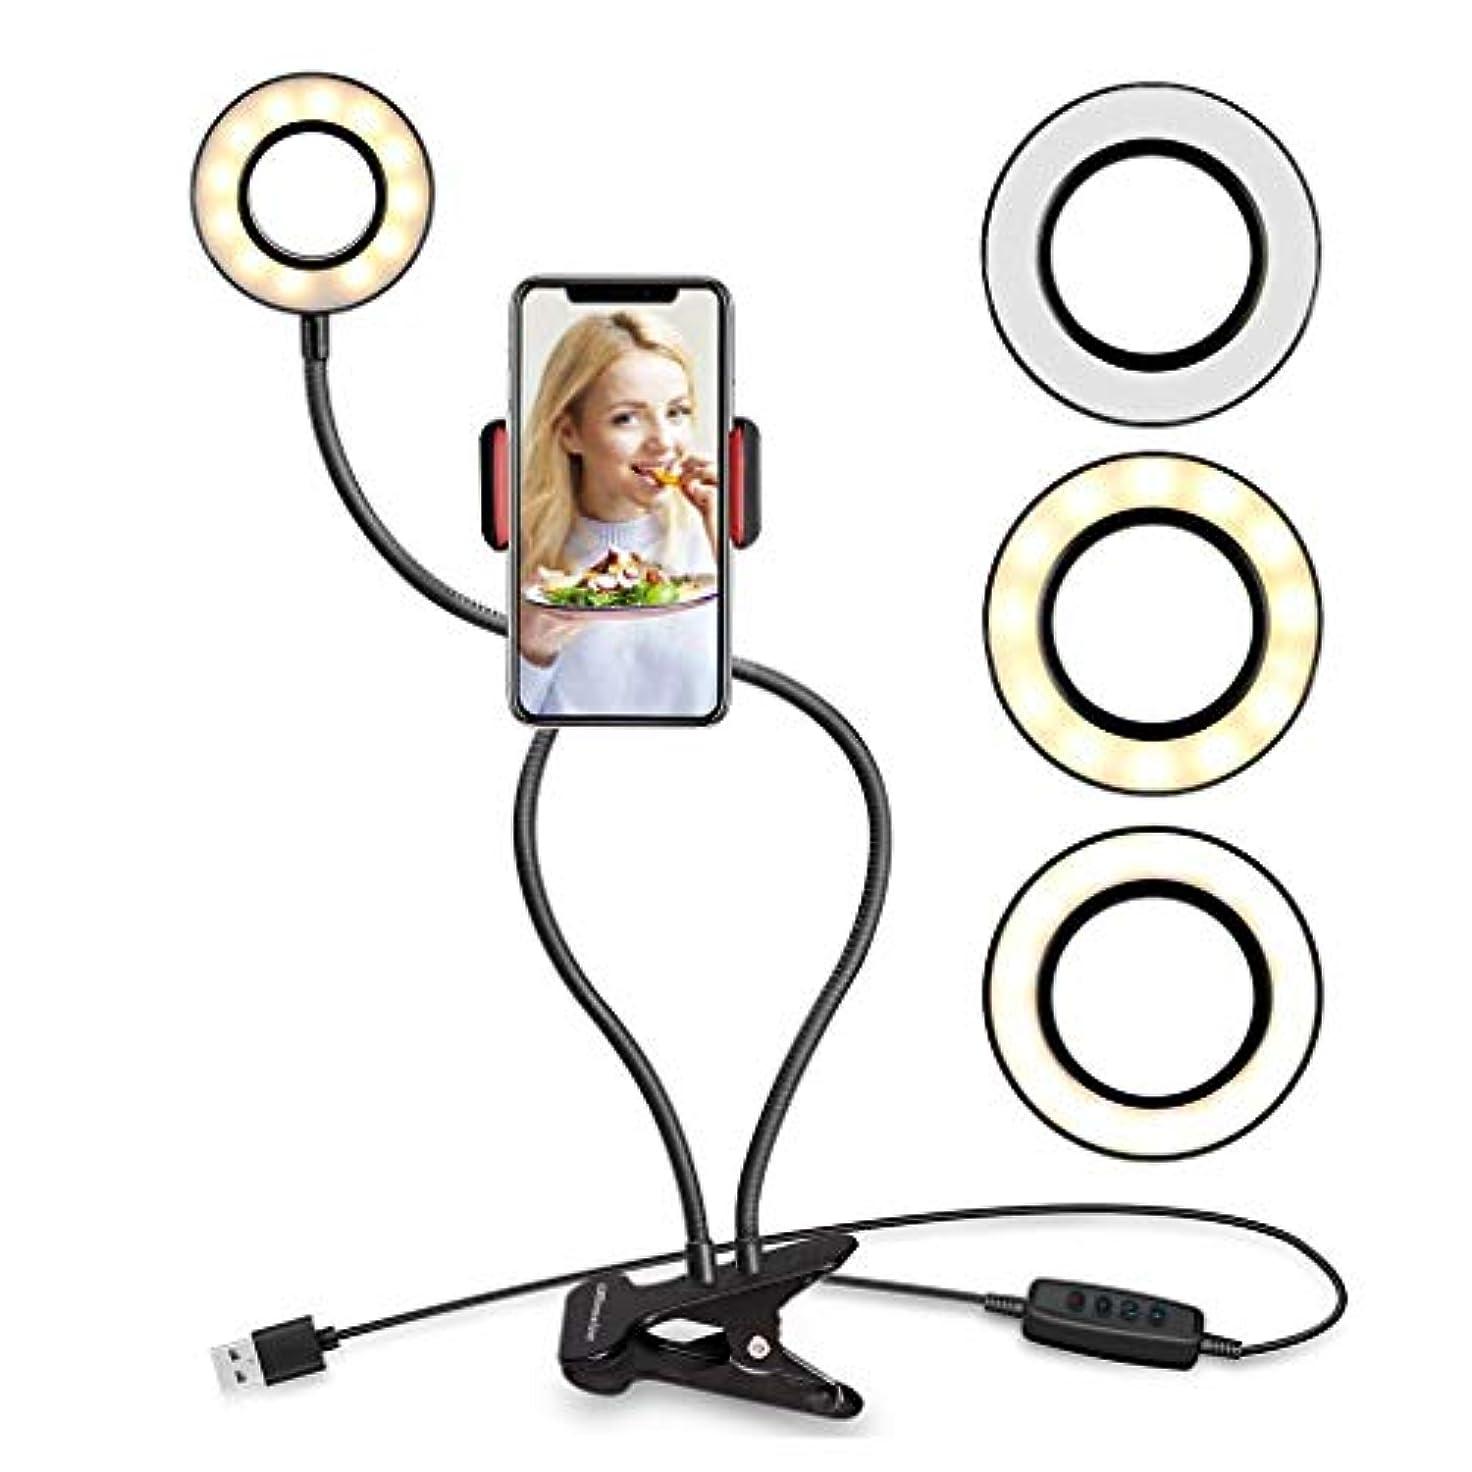 ちなみに矛盾するバラ色携帯電話ホルダーの Iphone と Android スマートフォン2のための1つのブラケットライブ電話スタンドとビデオチャンネルデスクランプ用オフィス, ベッドルーム, バスルーム